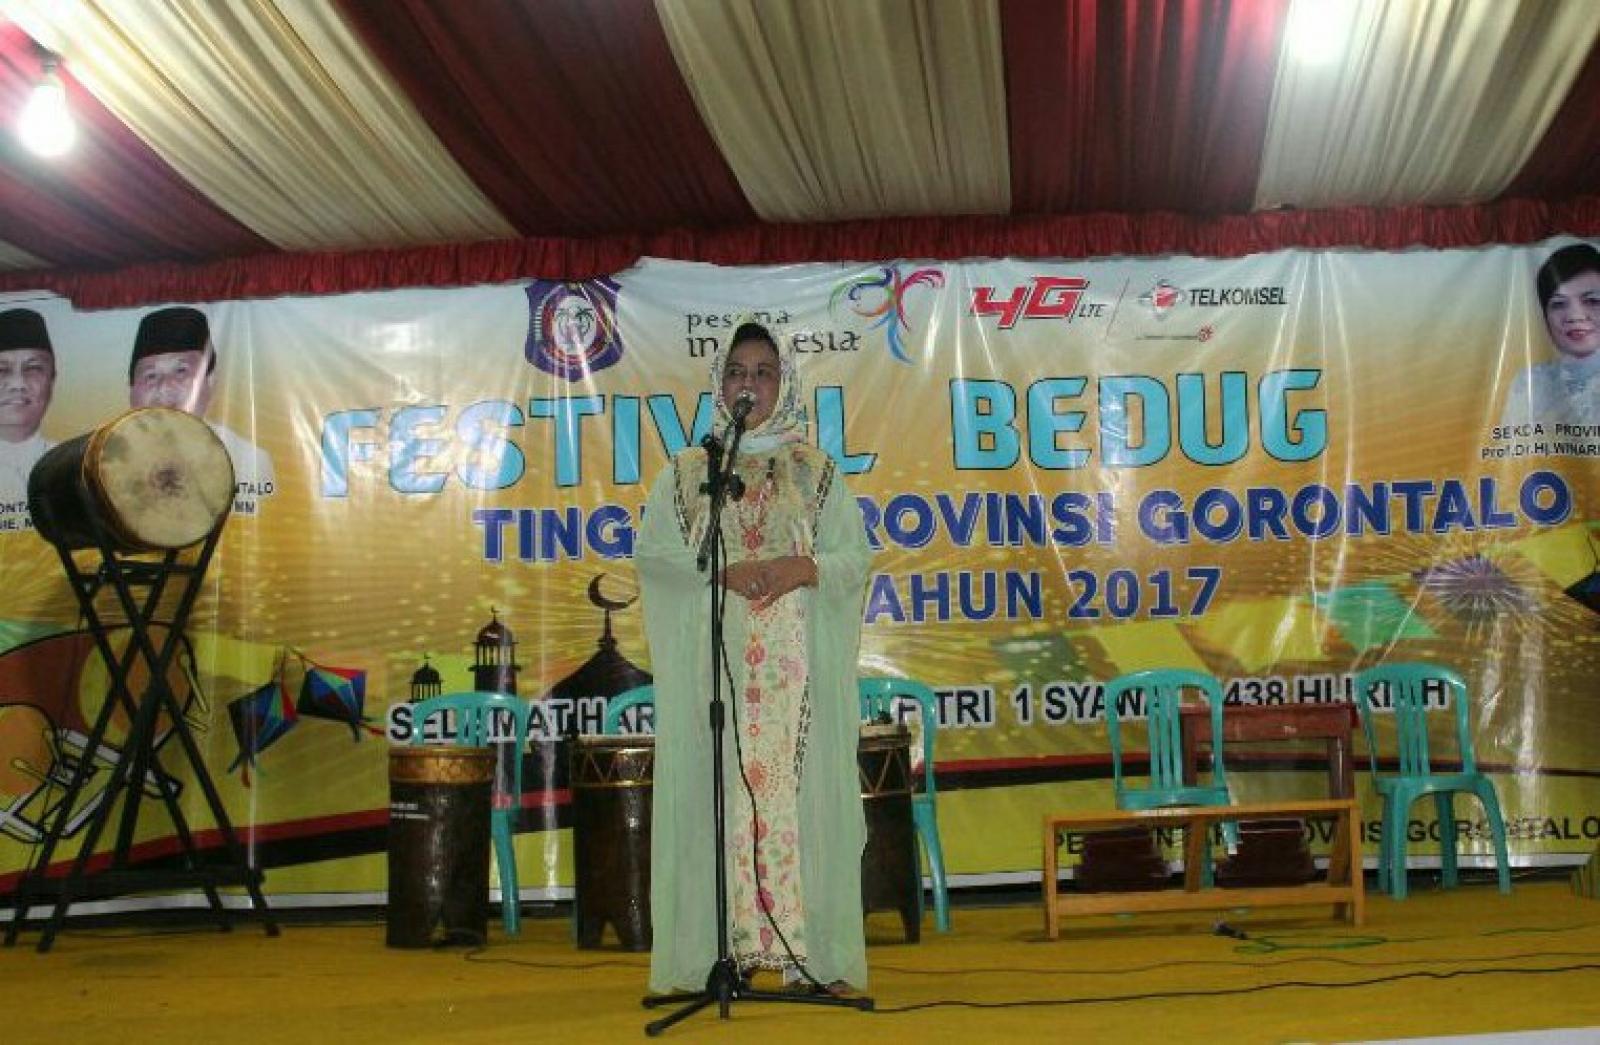 Festival Beduk Tahun Ini Kembali Hadir Untuk Memeriahkan Agenda Lebaran di Gorontalo